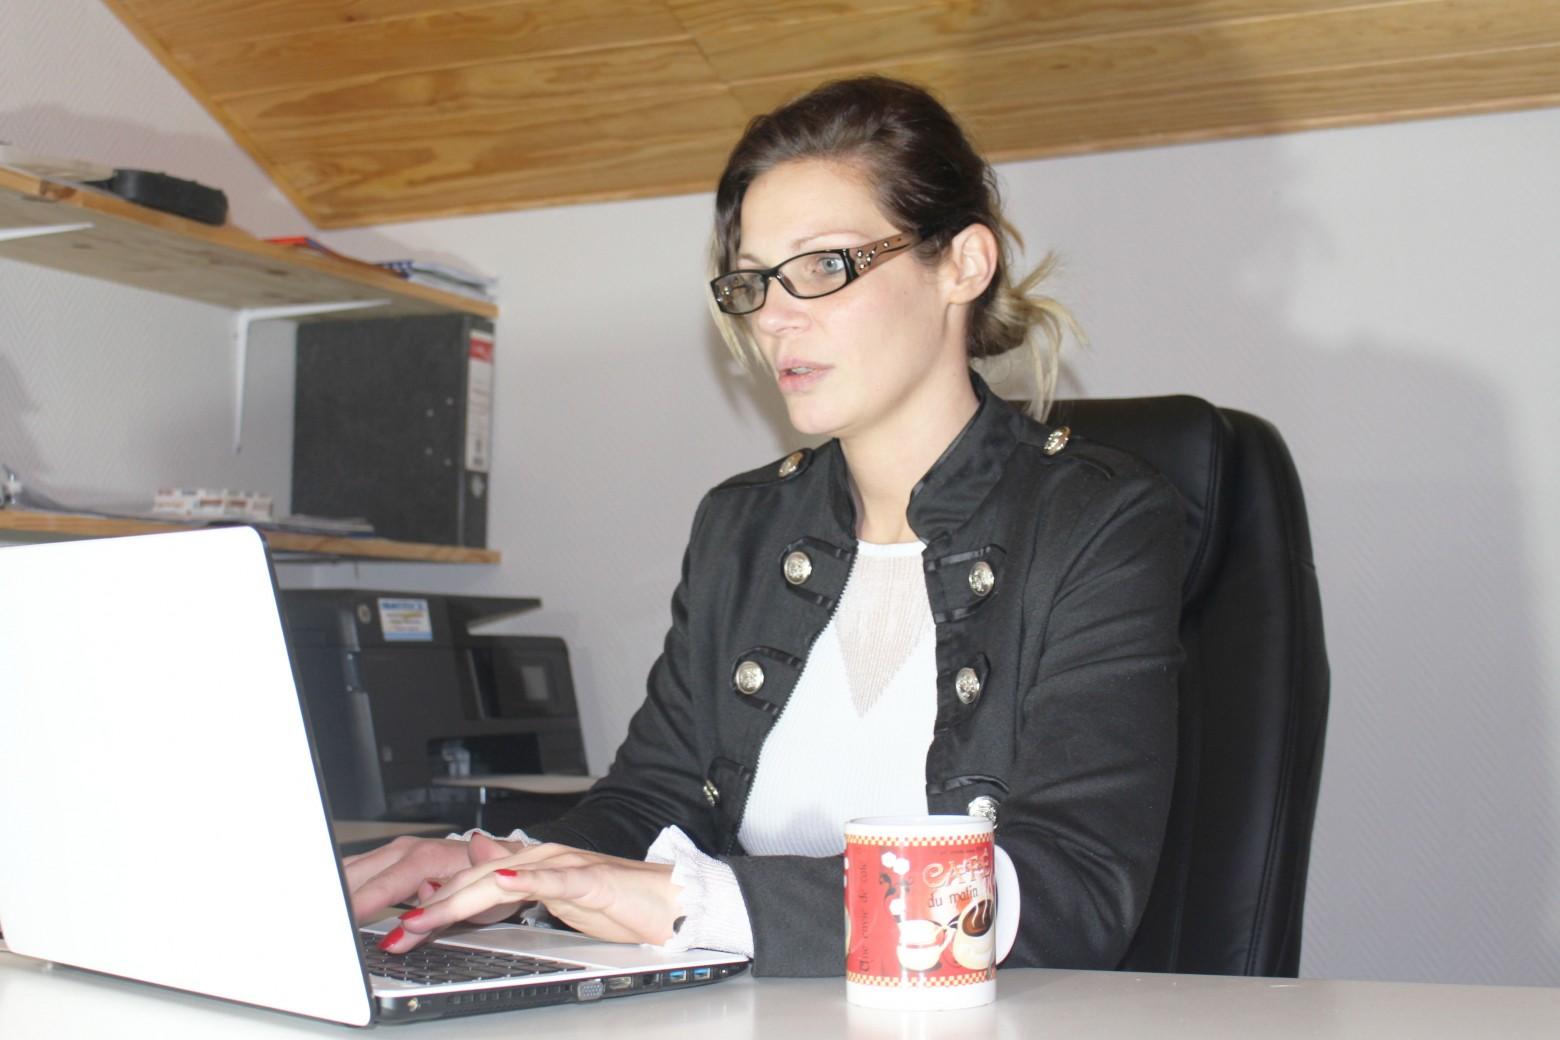 wwwfotomeliacom